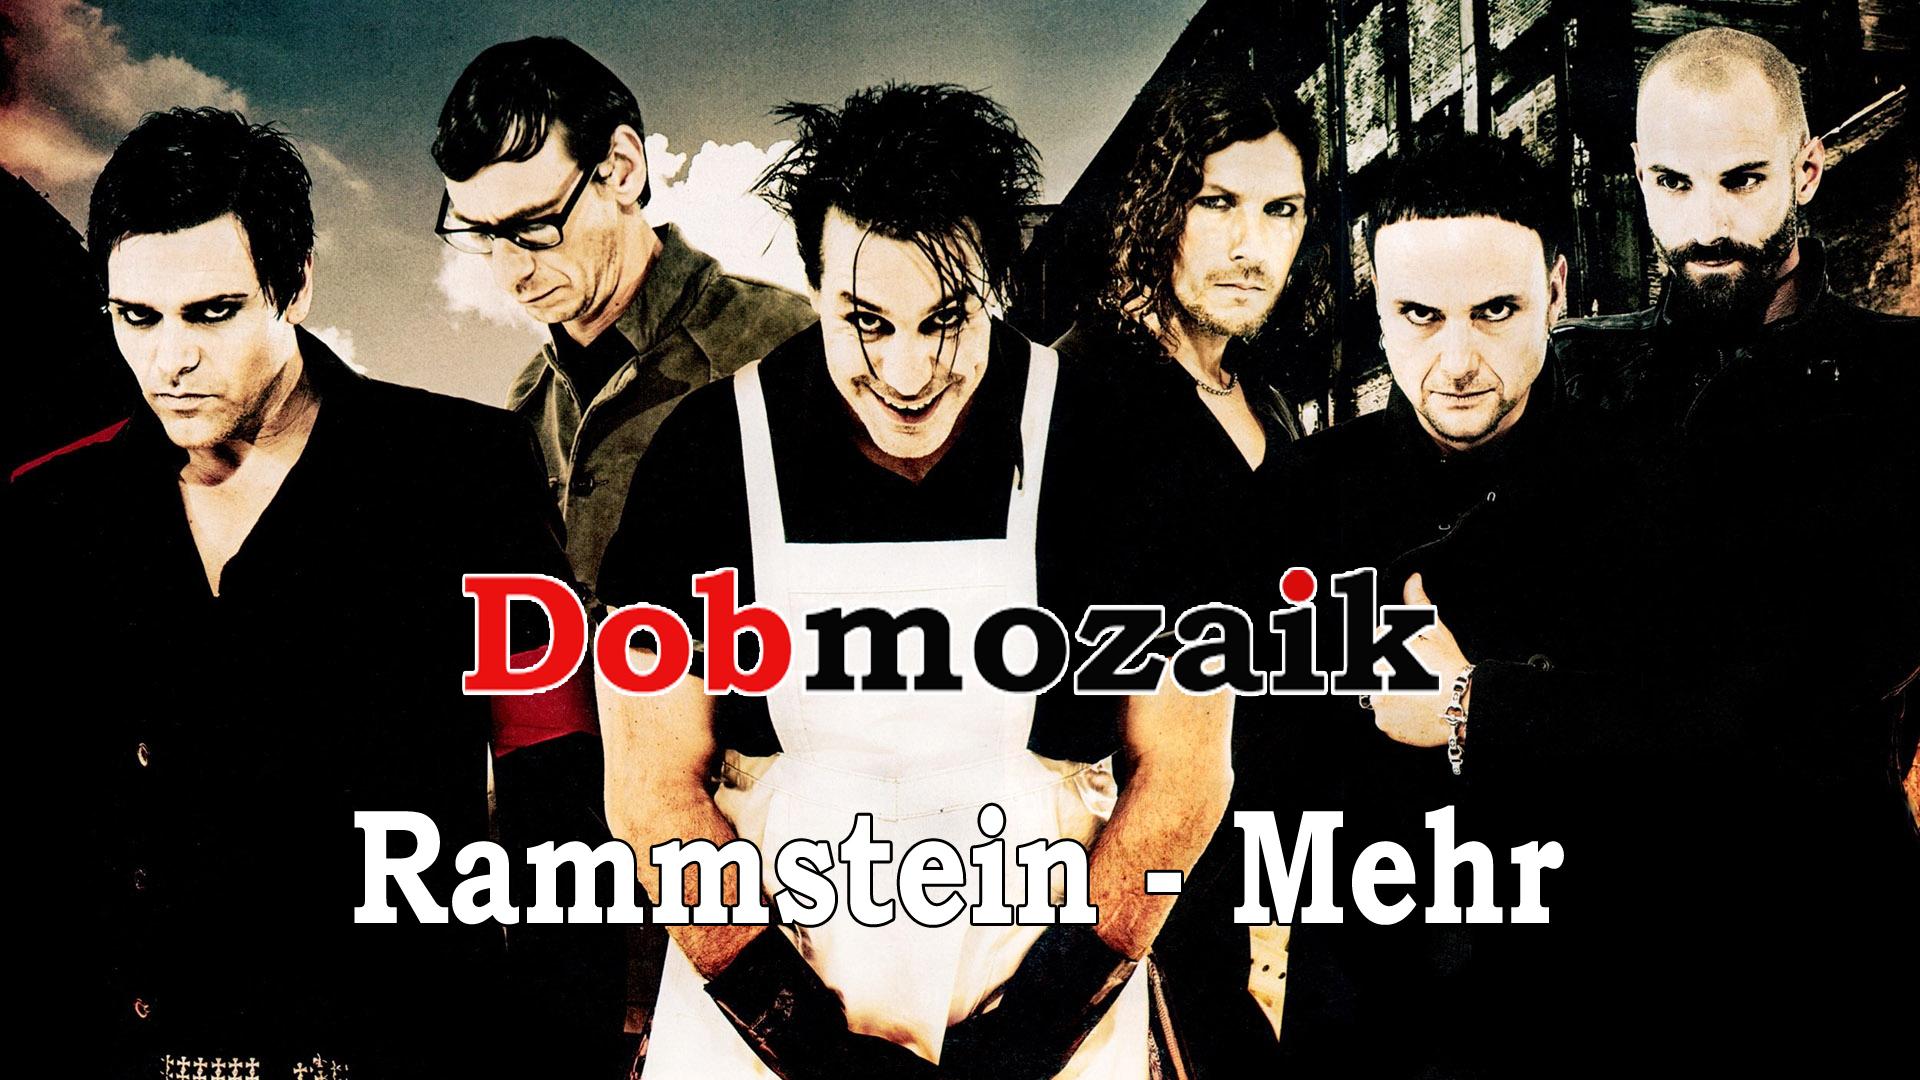 Rammstein – Mehr dobkotta